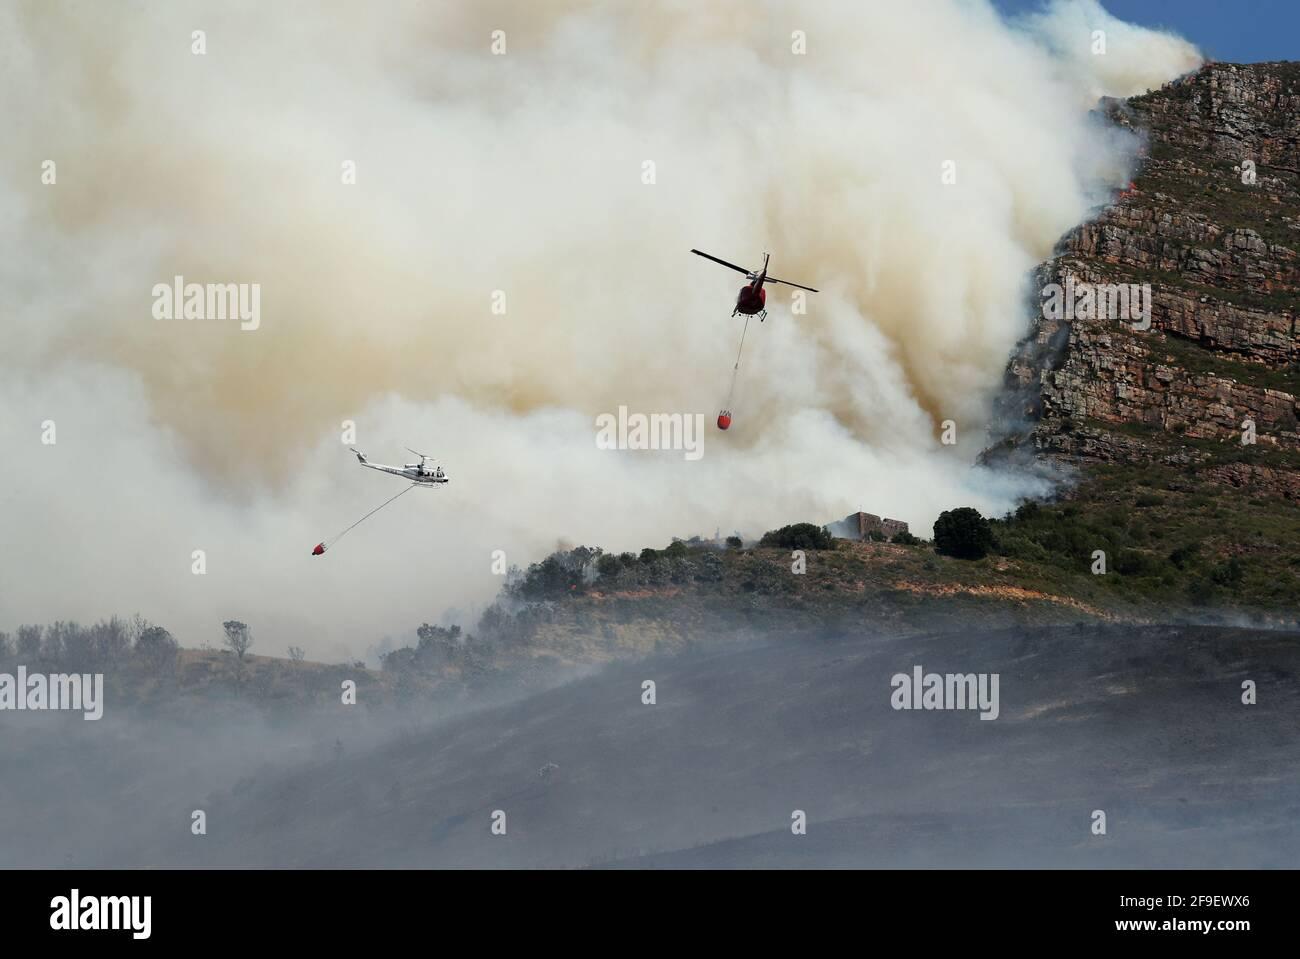 Hubschrauber kämpfen um die Eindämmung eines Buschfeuers, das am Hang des Tafelbergs in Kapstadt, Südafrika, ausbrach, 18. April 2021. REUTERS/Mike Hutchings Stockfoto